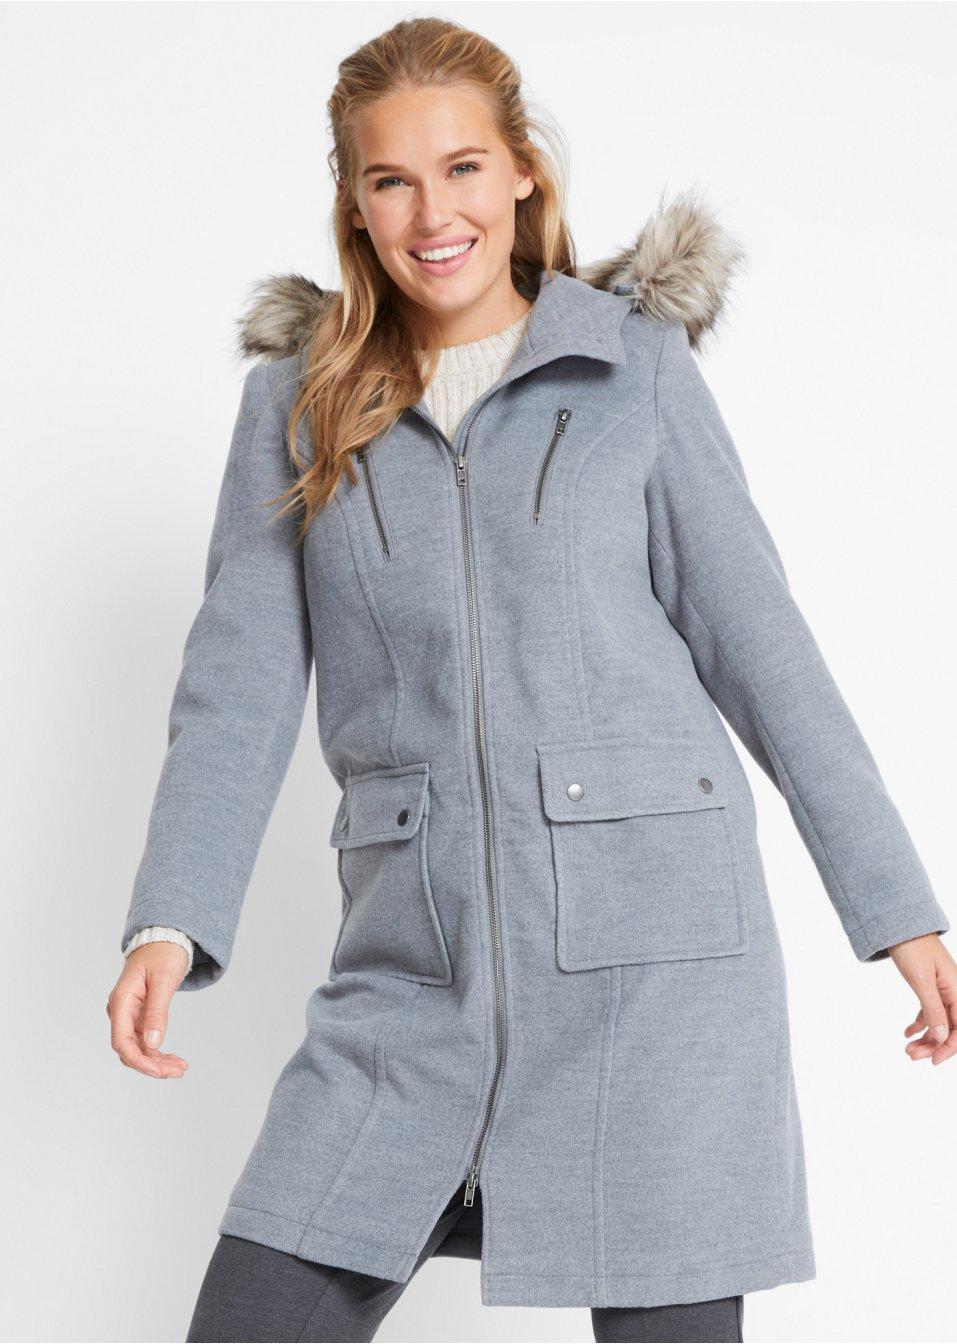 Mode Femme Vêtements DJLfdOFlkj Manteau imitation laine gris chiné Femme .fr